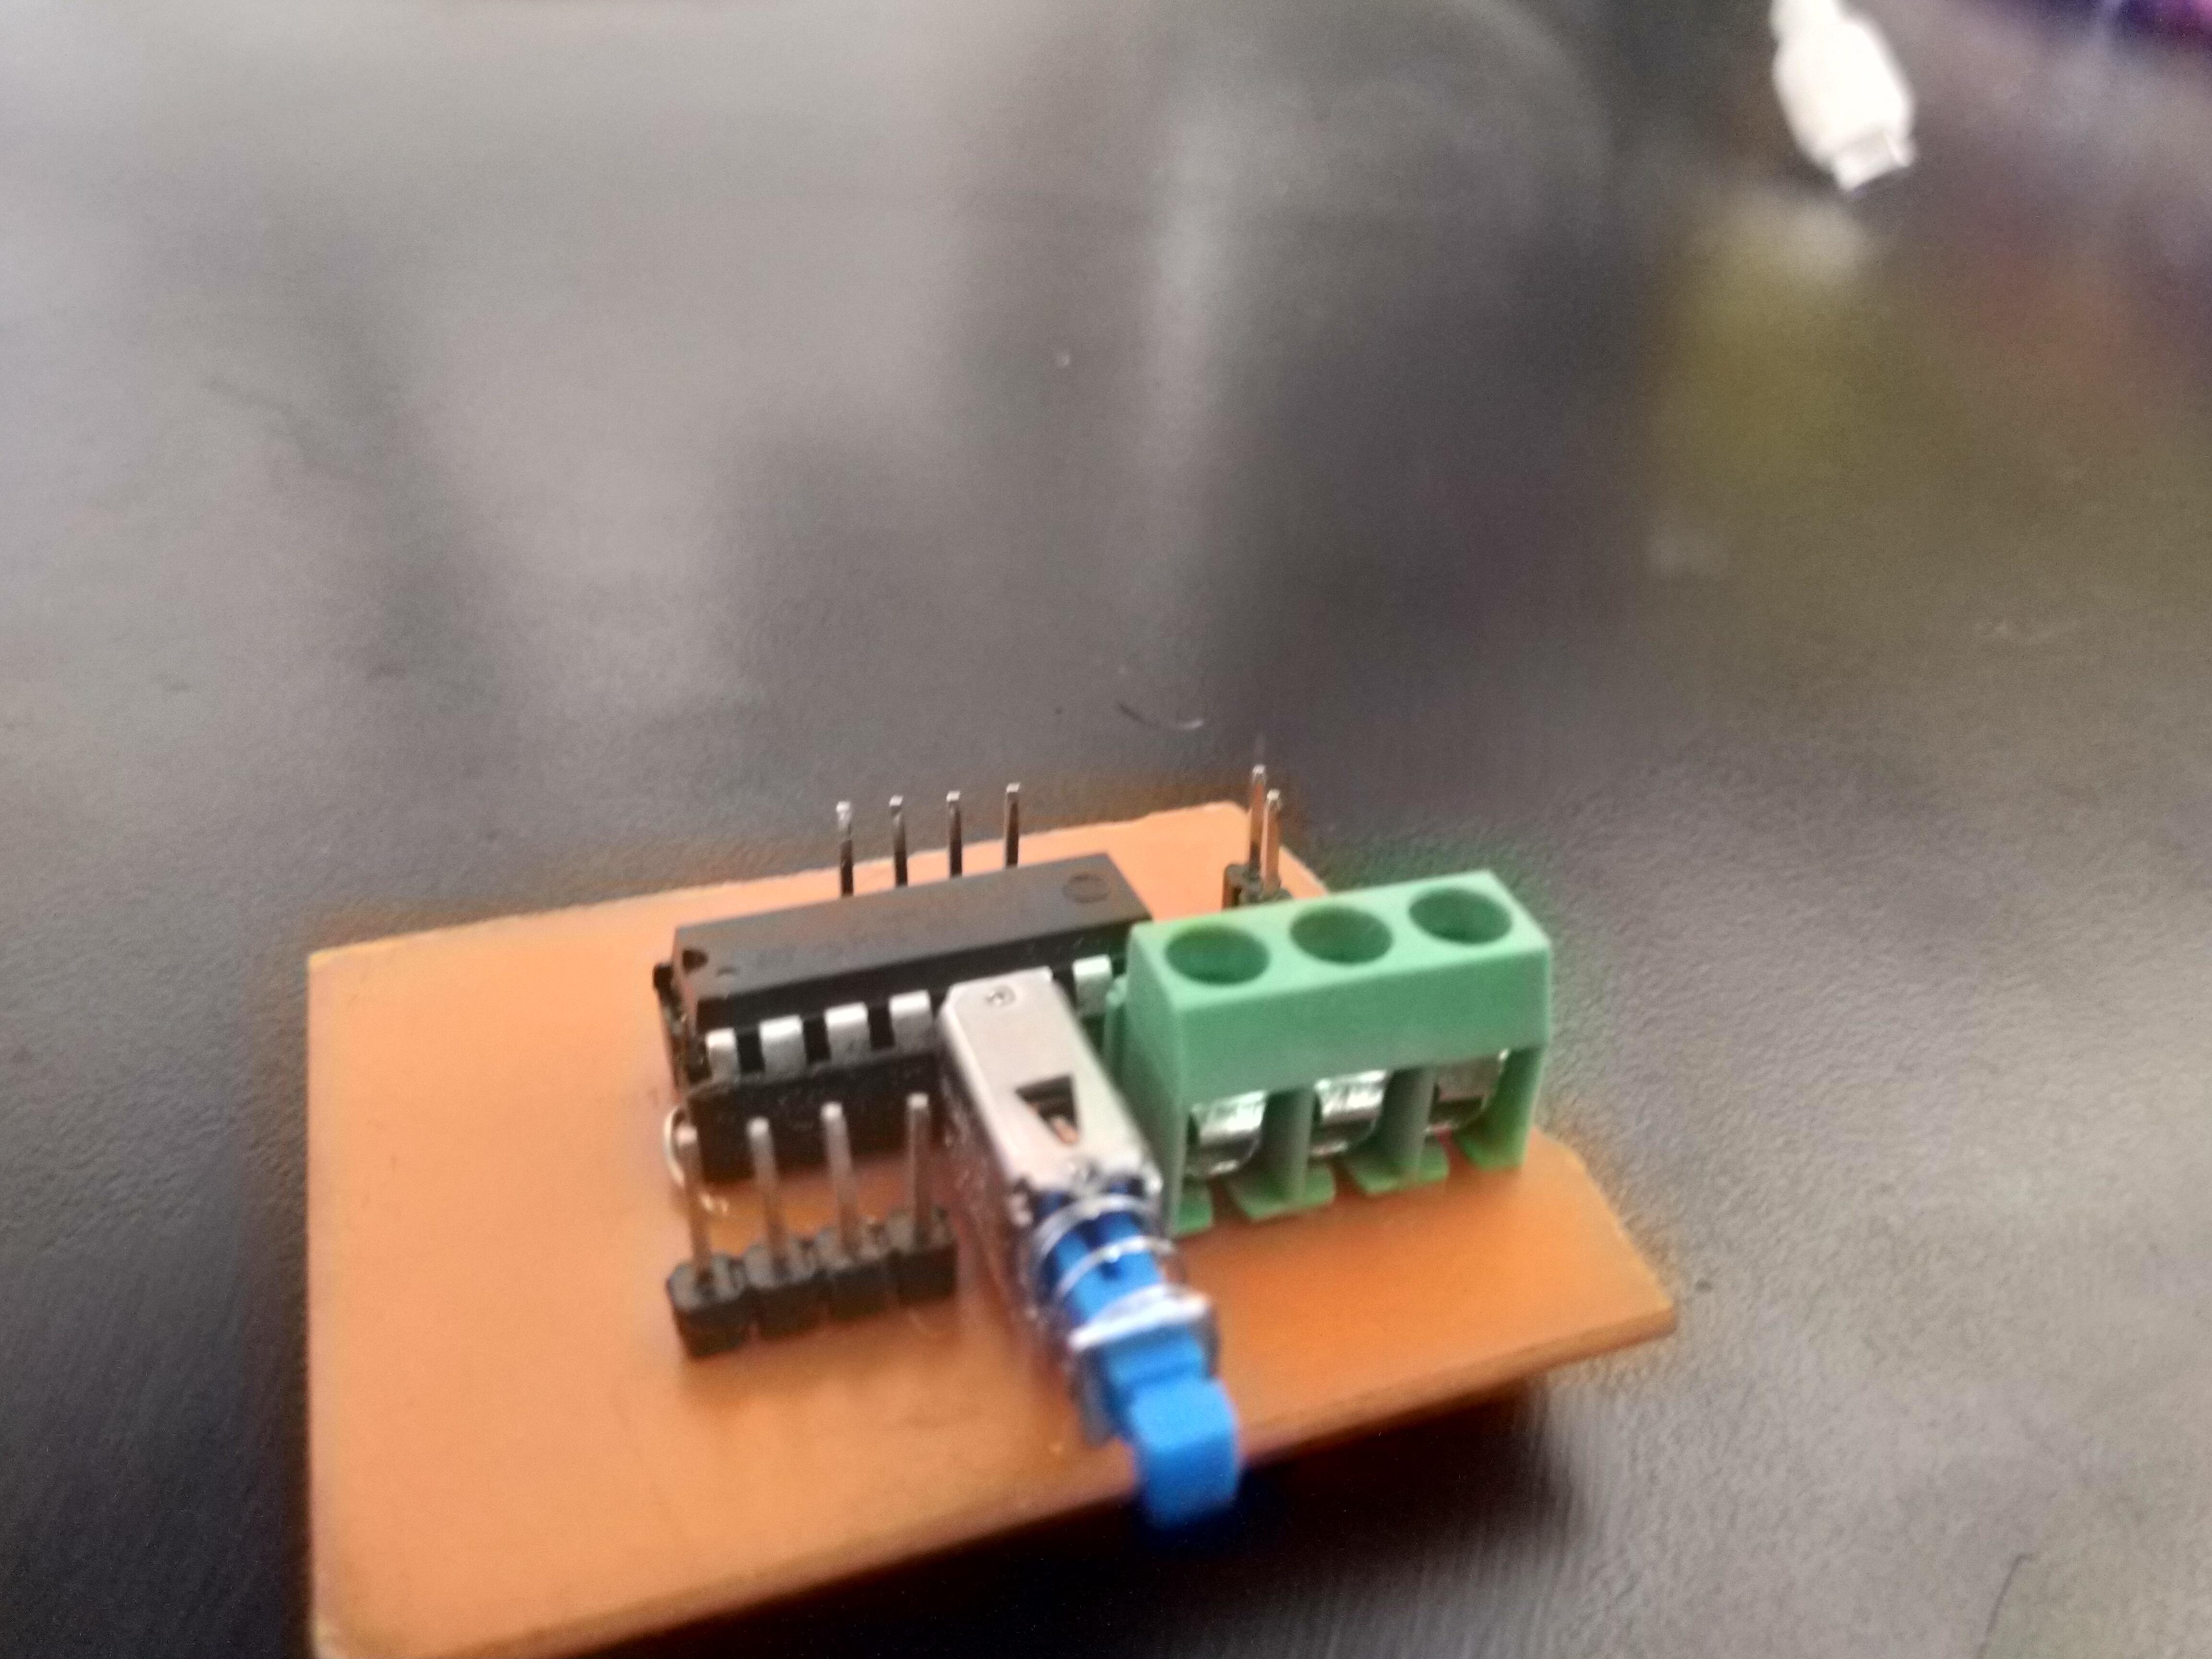 L293d sdtech robotics pcb top side qjht9lqt5z